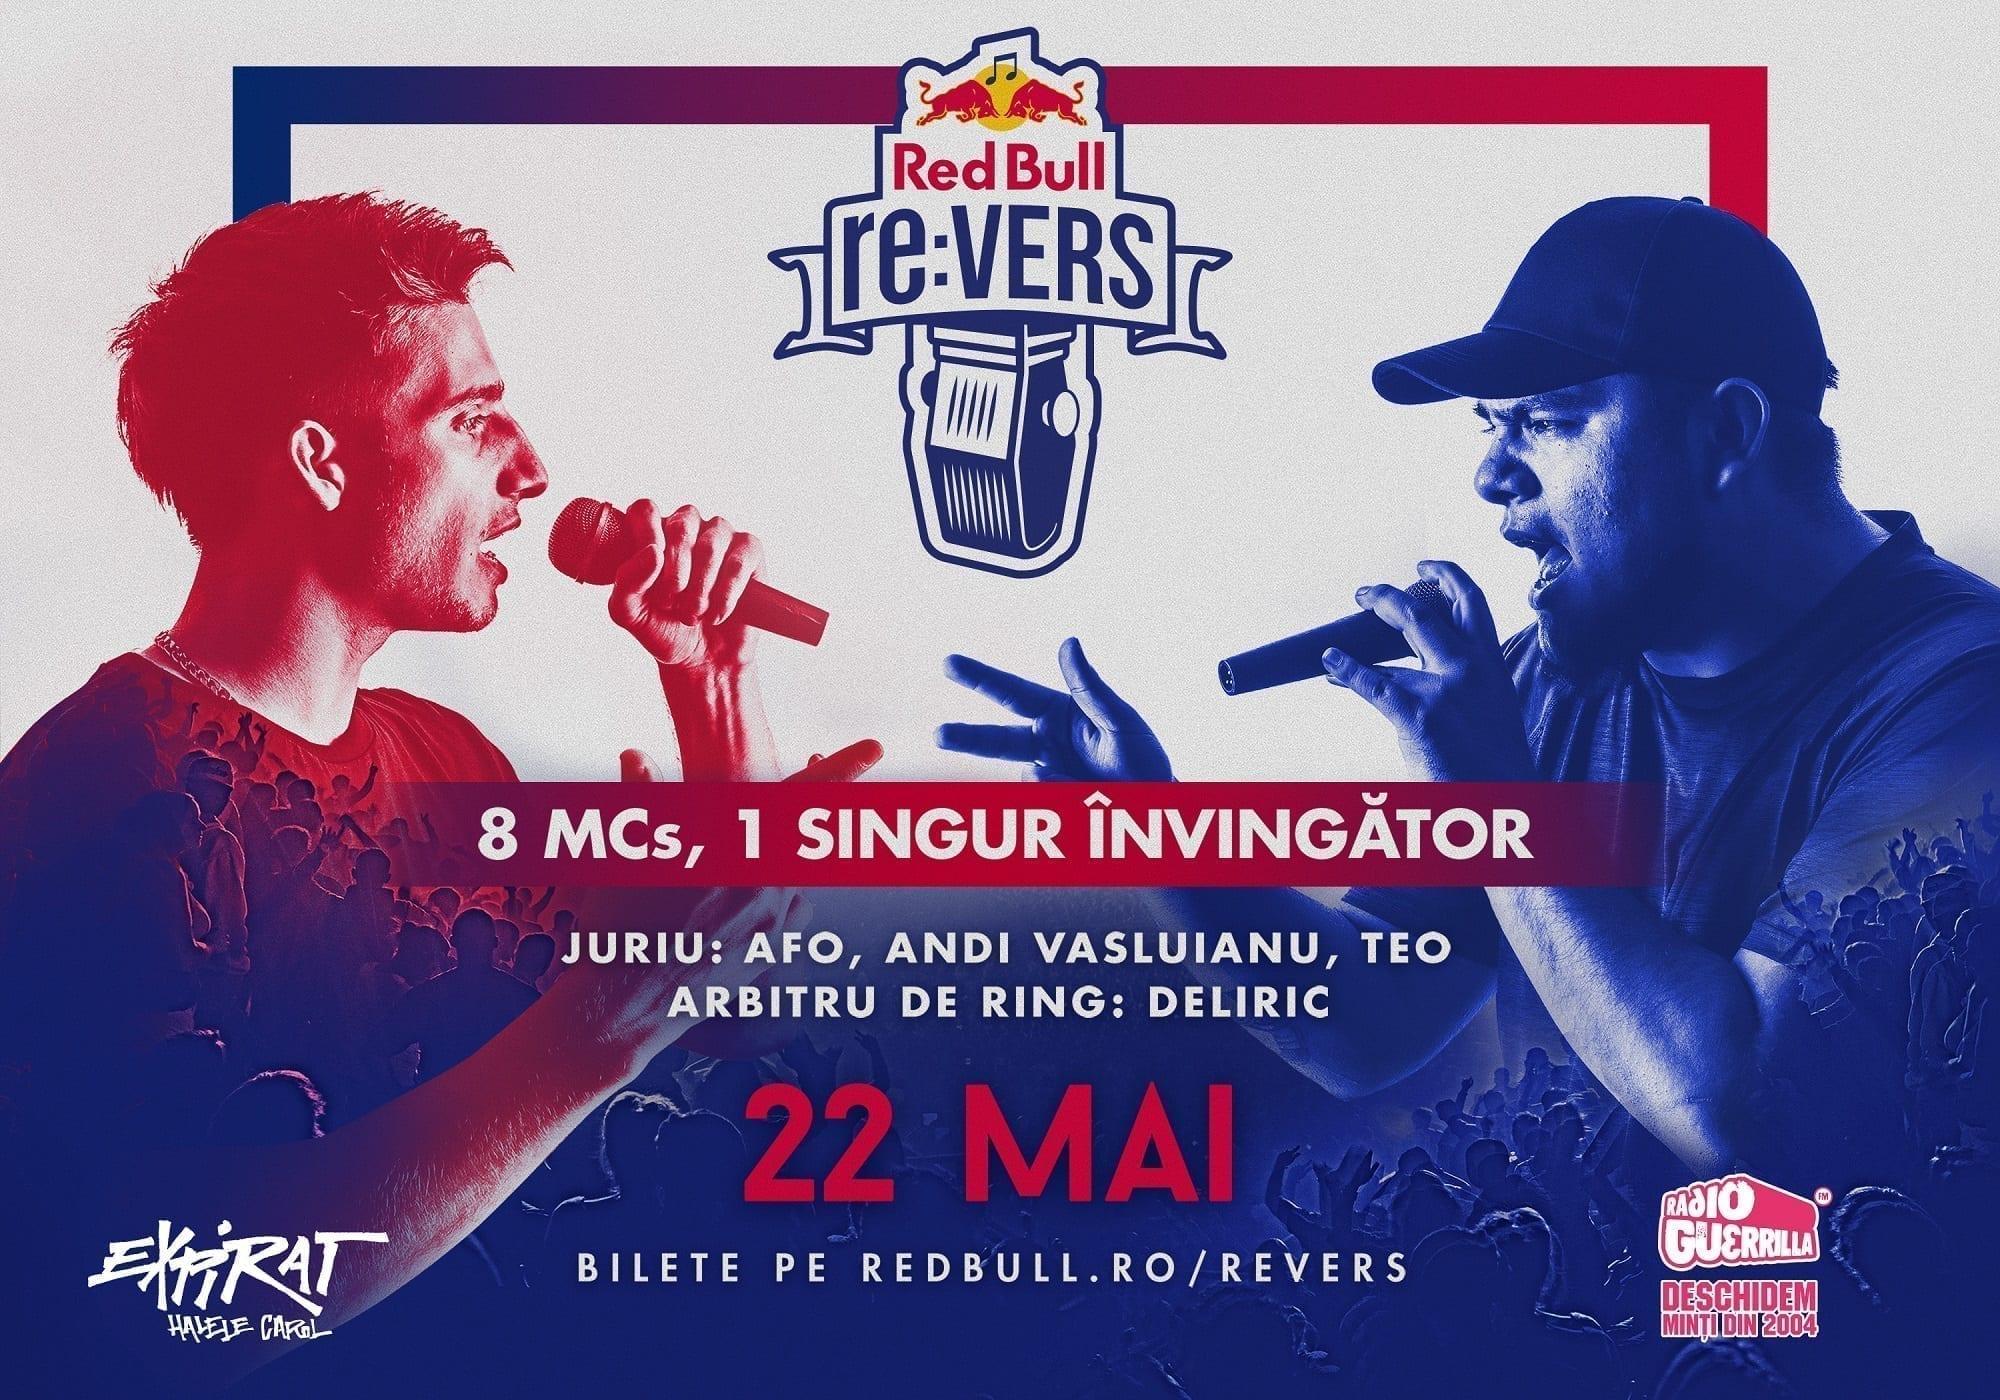 Red Bull re:VERS - 8 dintre cei mai buni MCs din țară se bat în rime